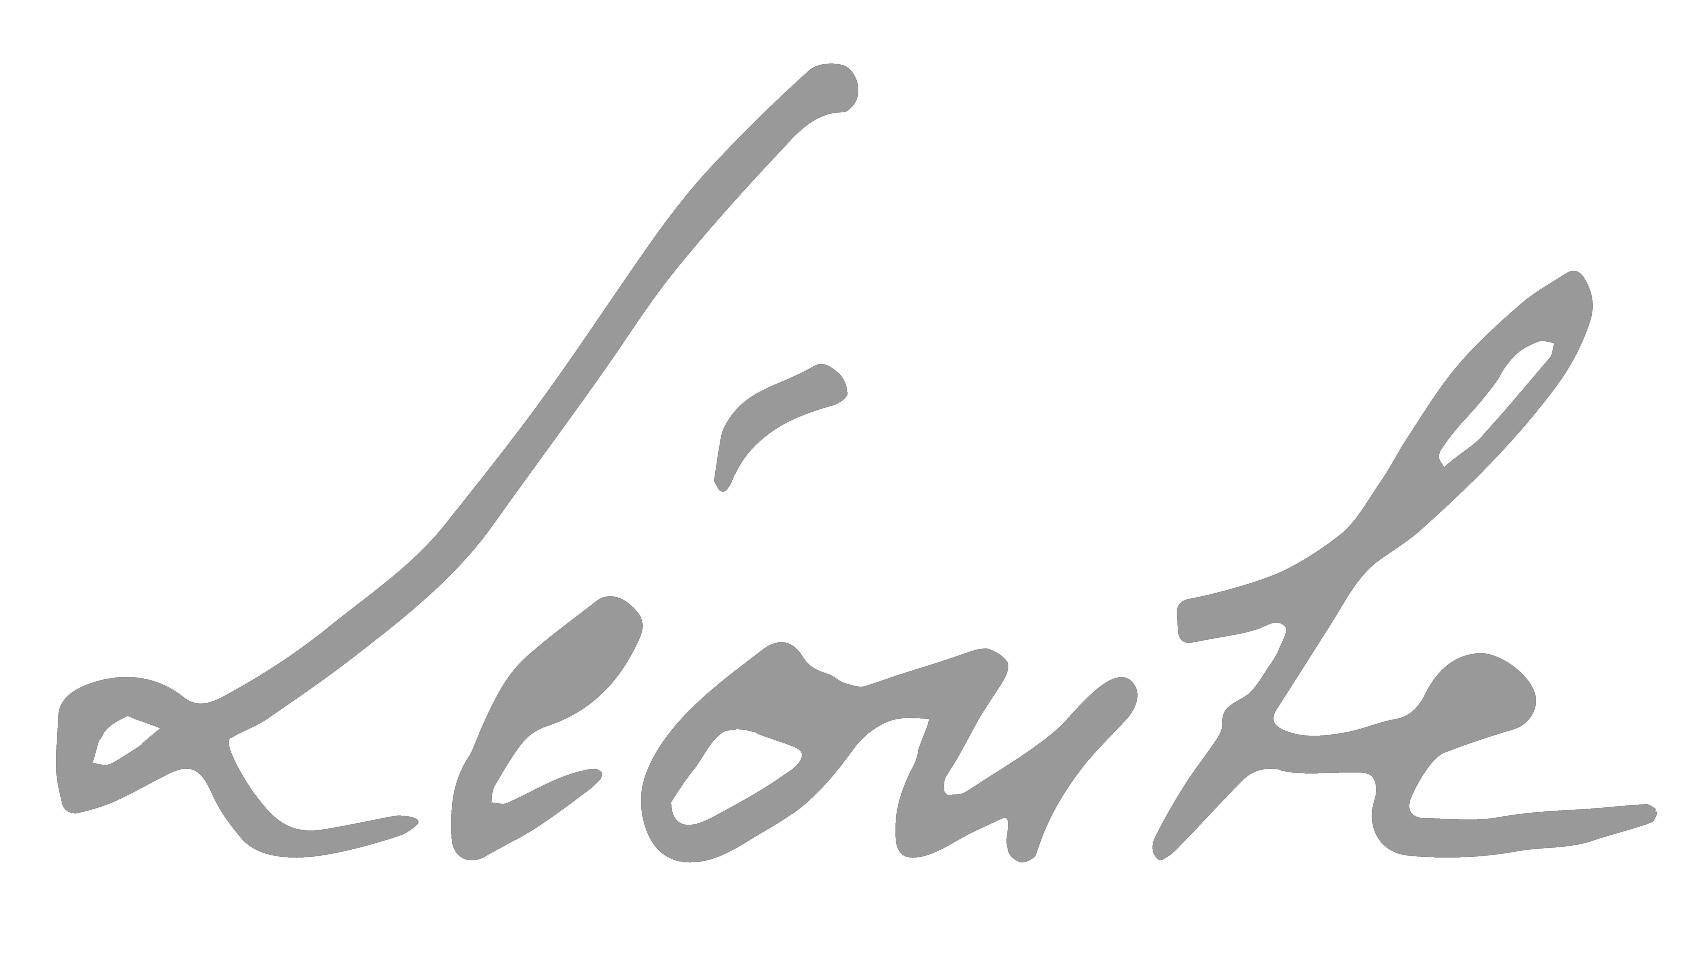 MORABITON_LEOUBE-LALONDE_FICHIER